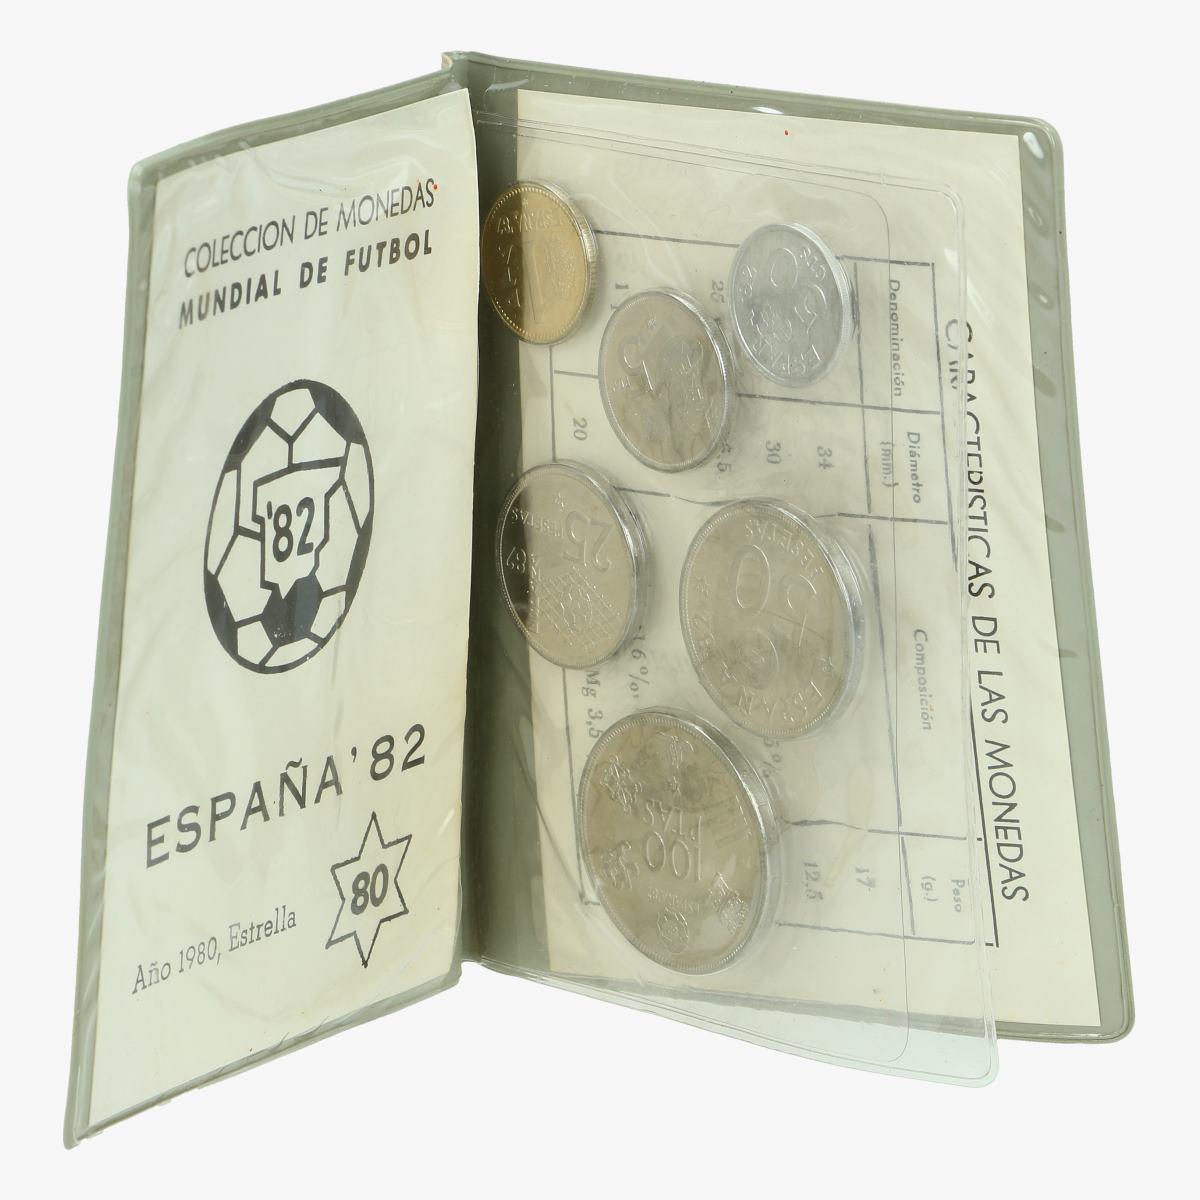 Afbeeldingen van collectie munten espana'82 mundial de futbol